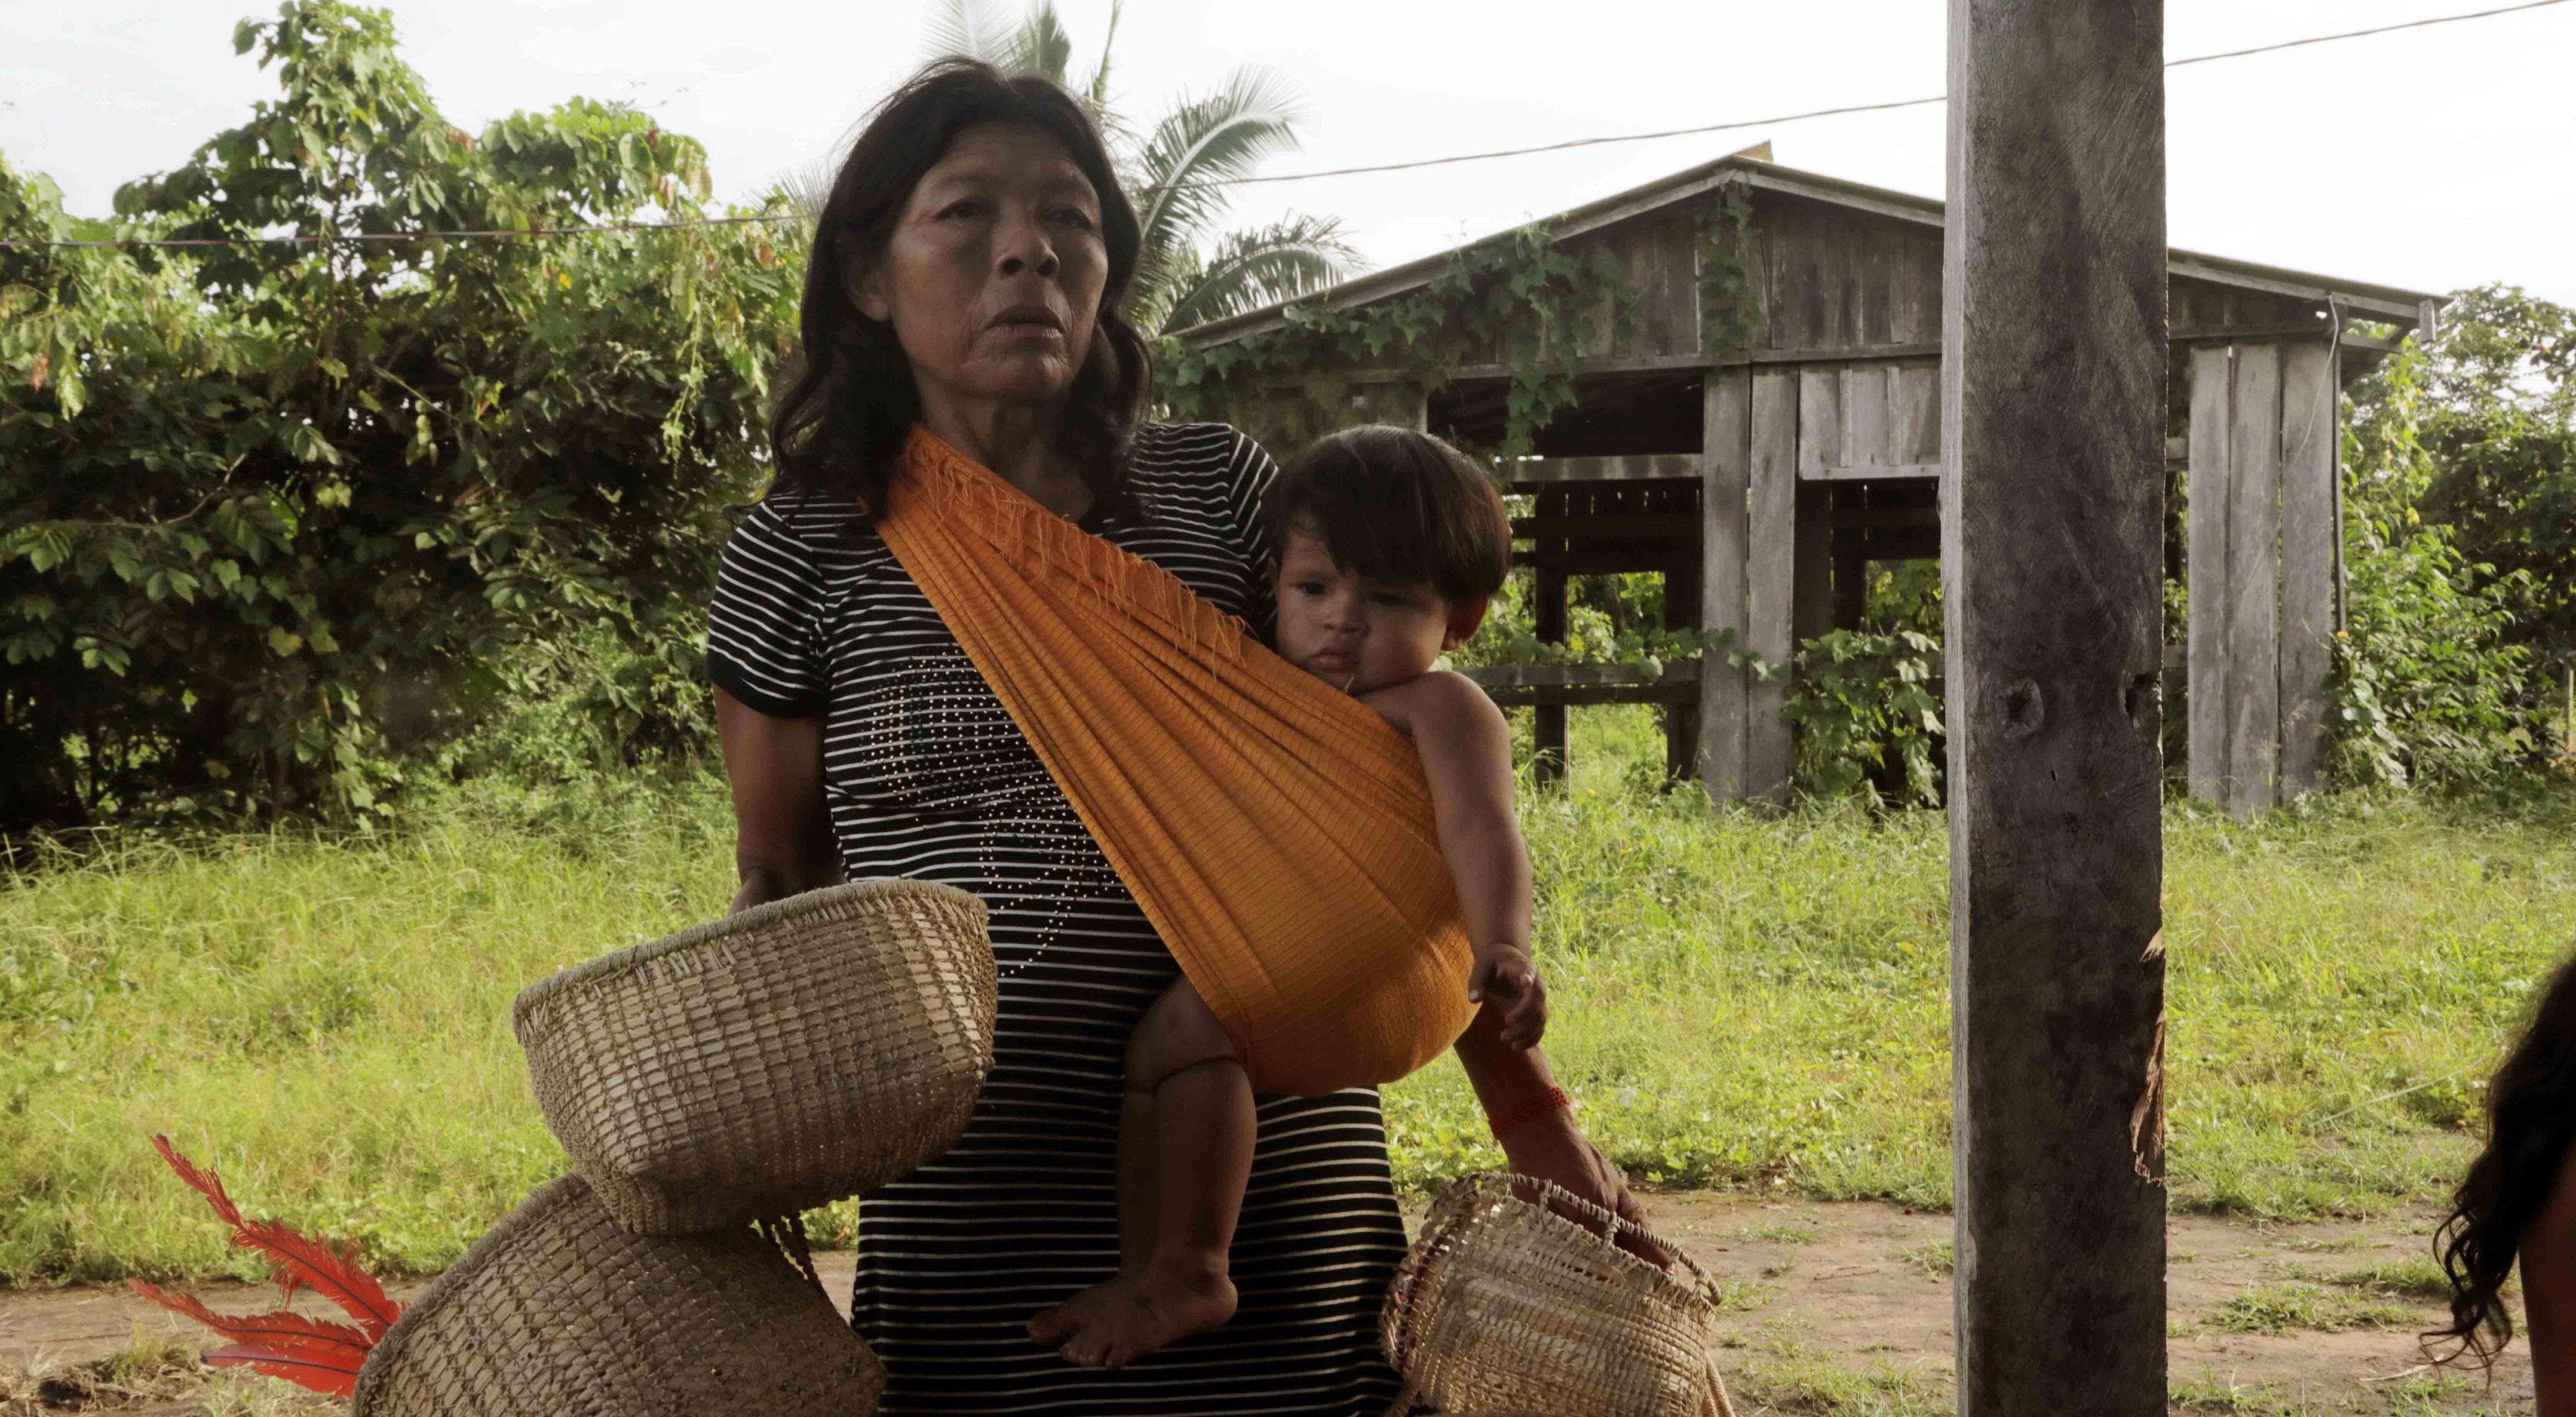 Indígena do povo parakanã levando os cestos produzidos para uma das reuniões desenvolvidas pela consultoria.